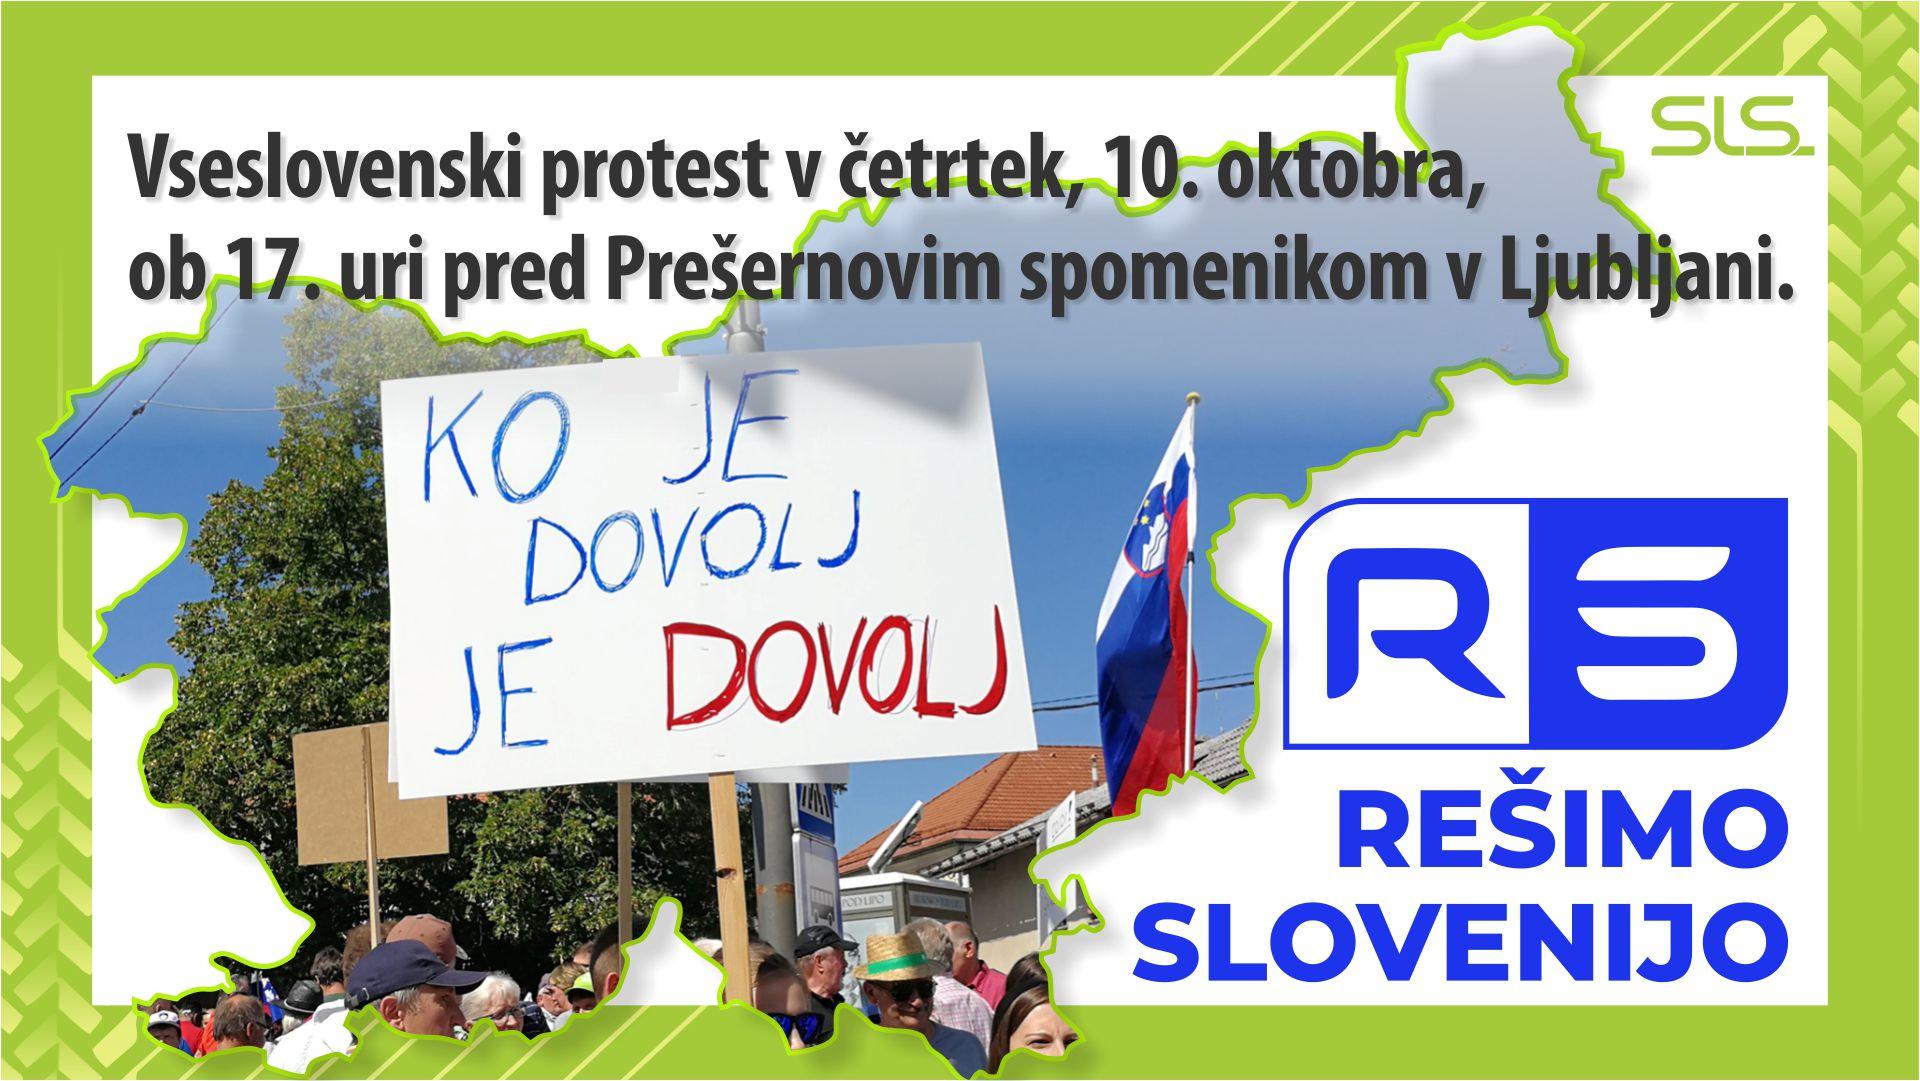 Objavljamo zahteve protestnega shoda Rešimo Slovenijo!